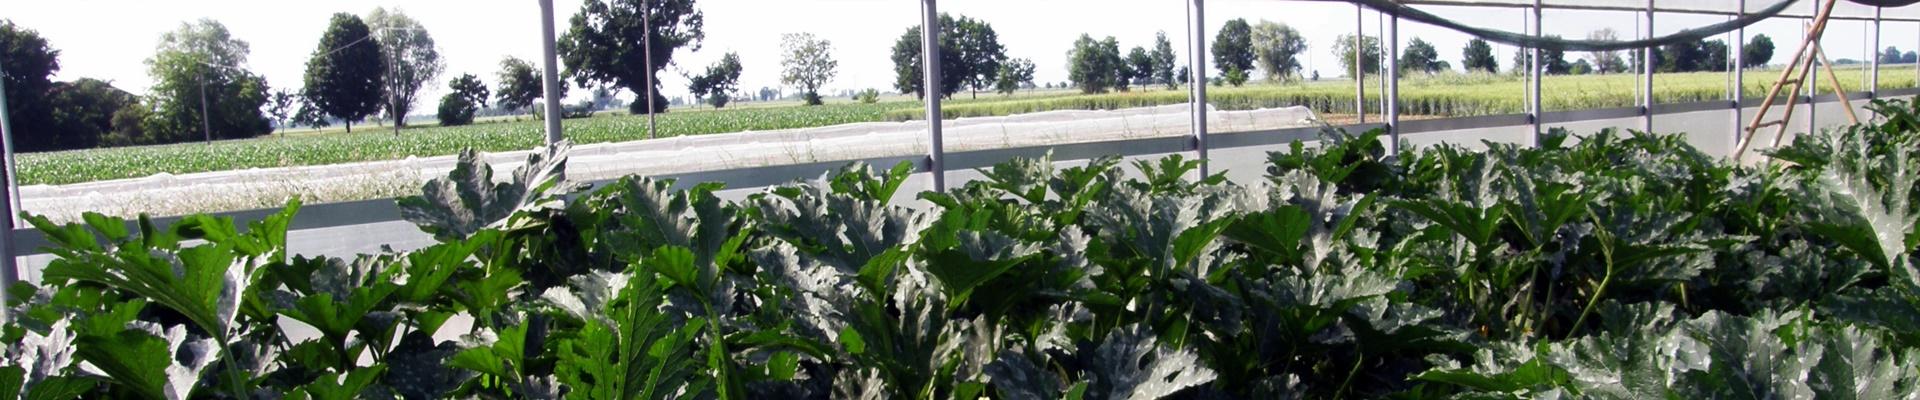 slide-zucchine-serra